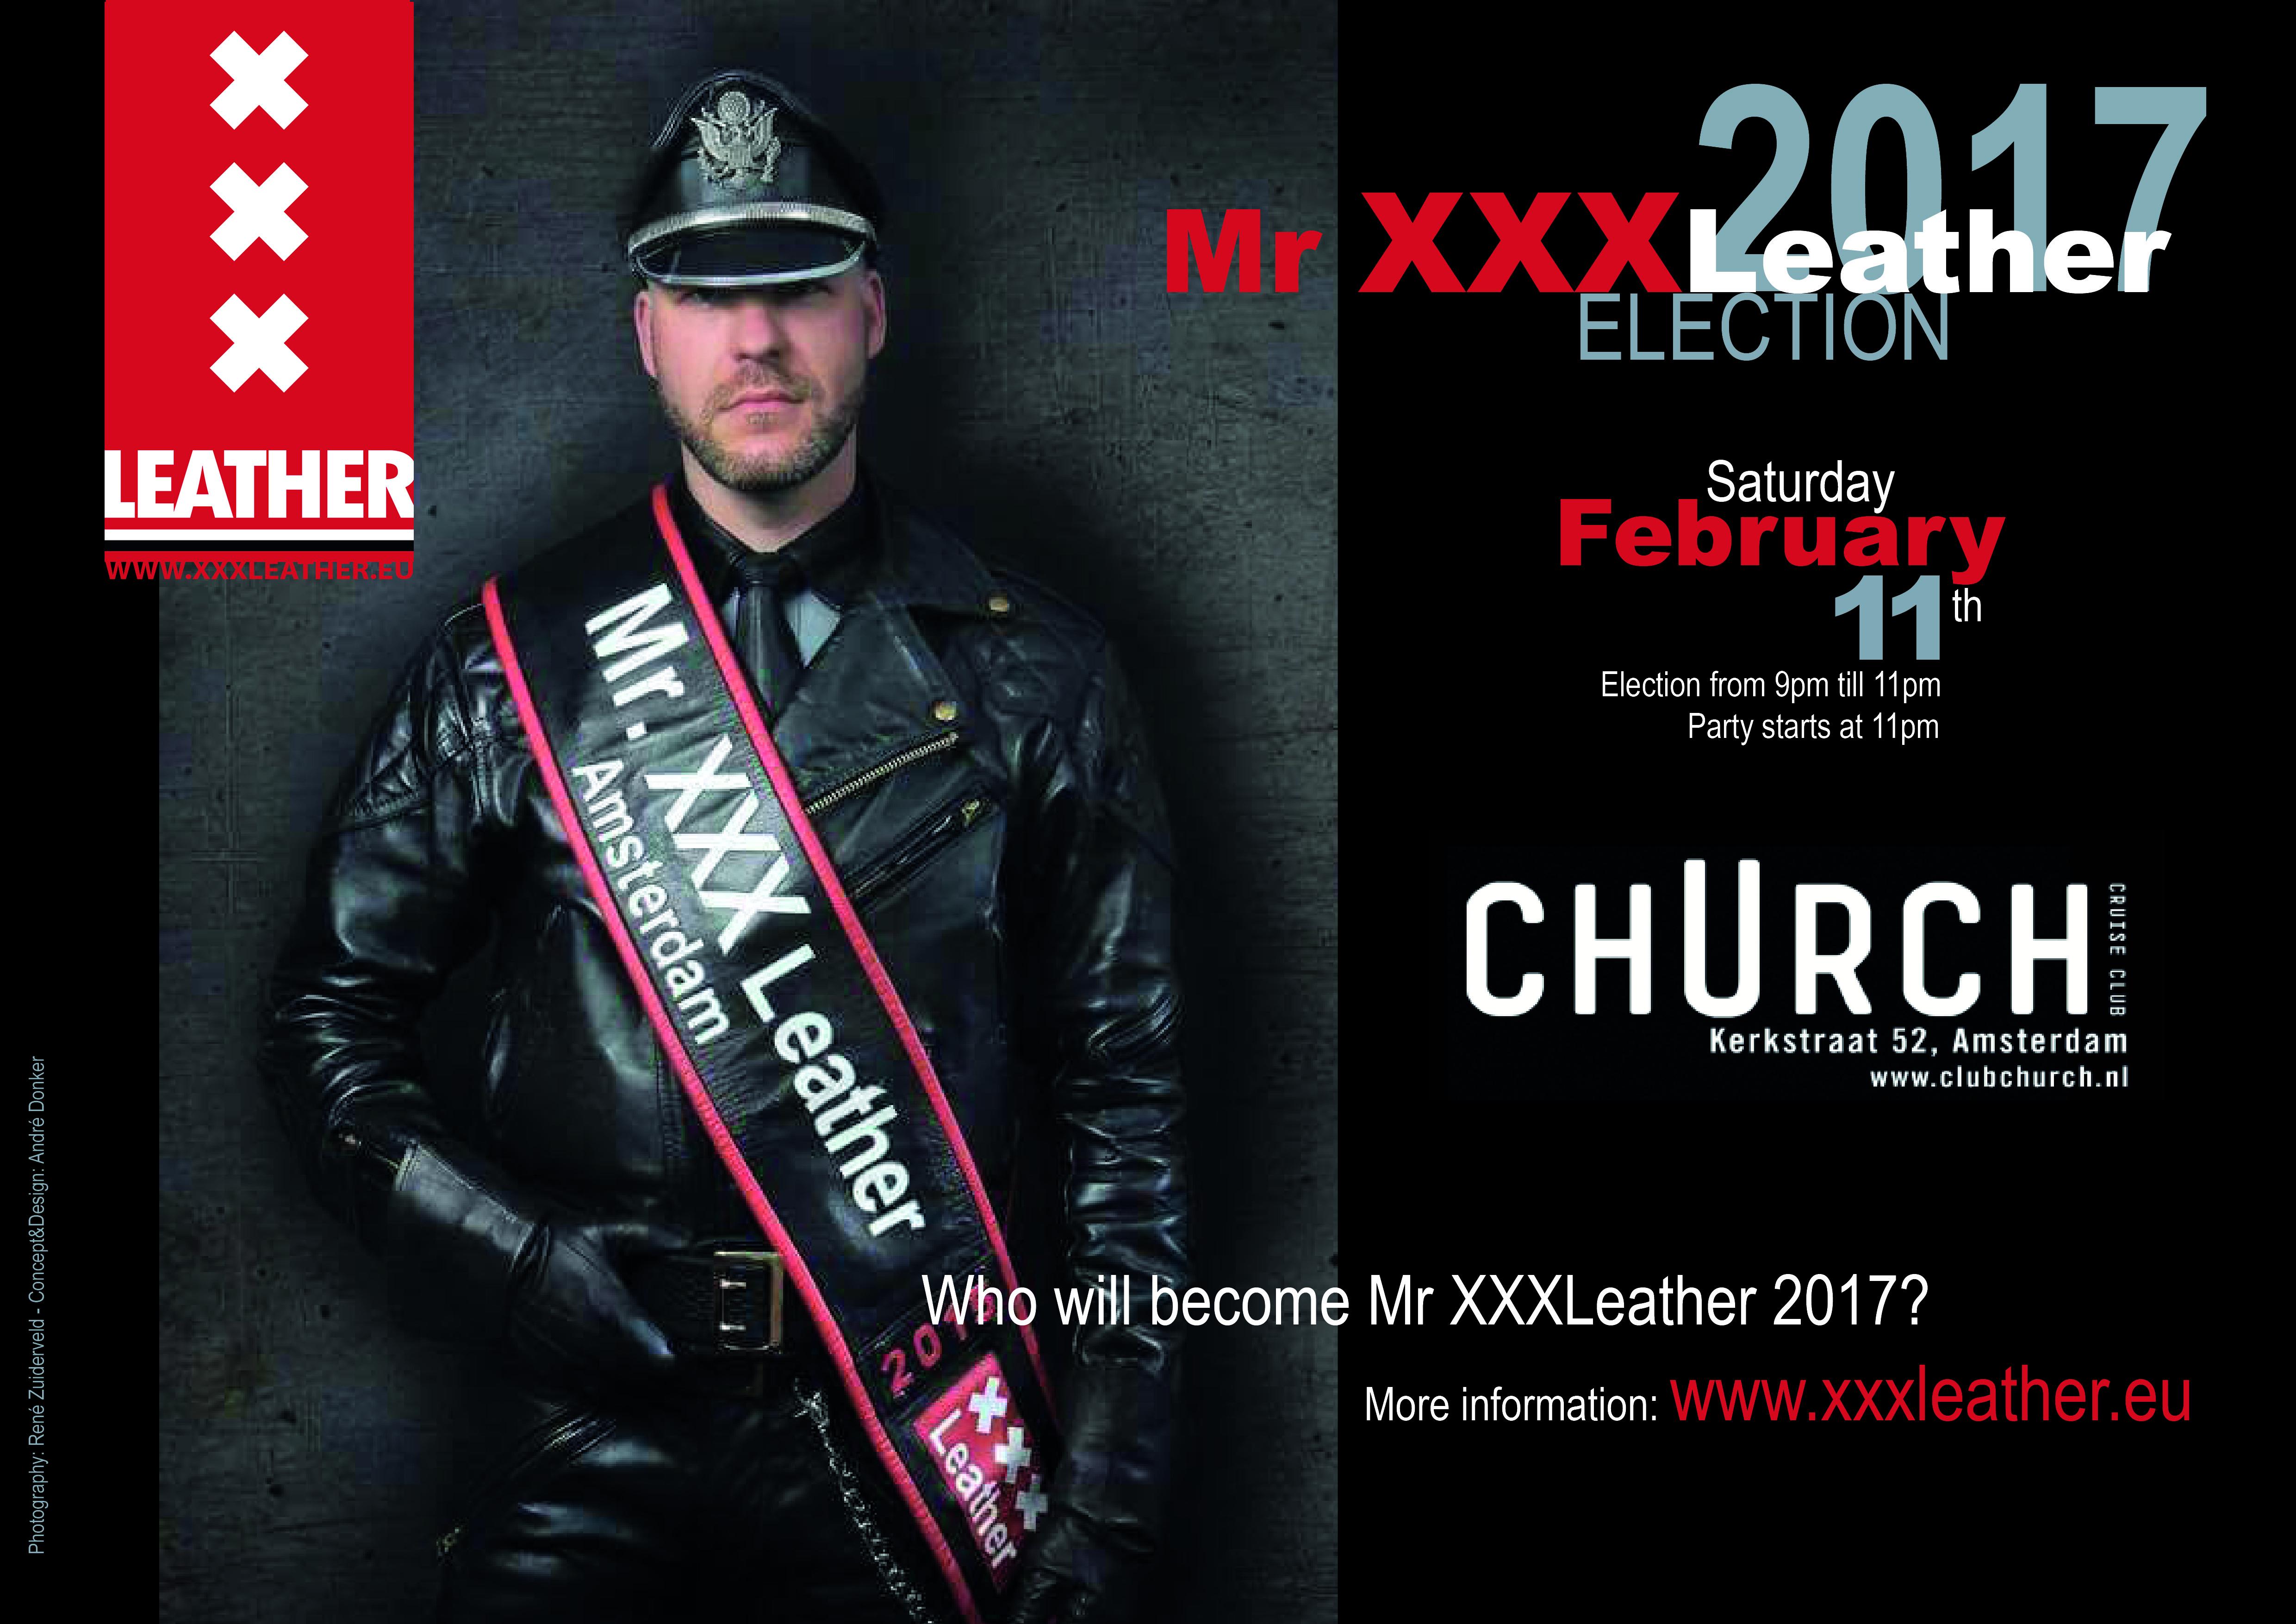 Flyer Mr XXXL election 2017